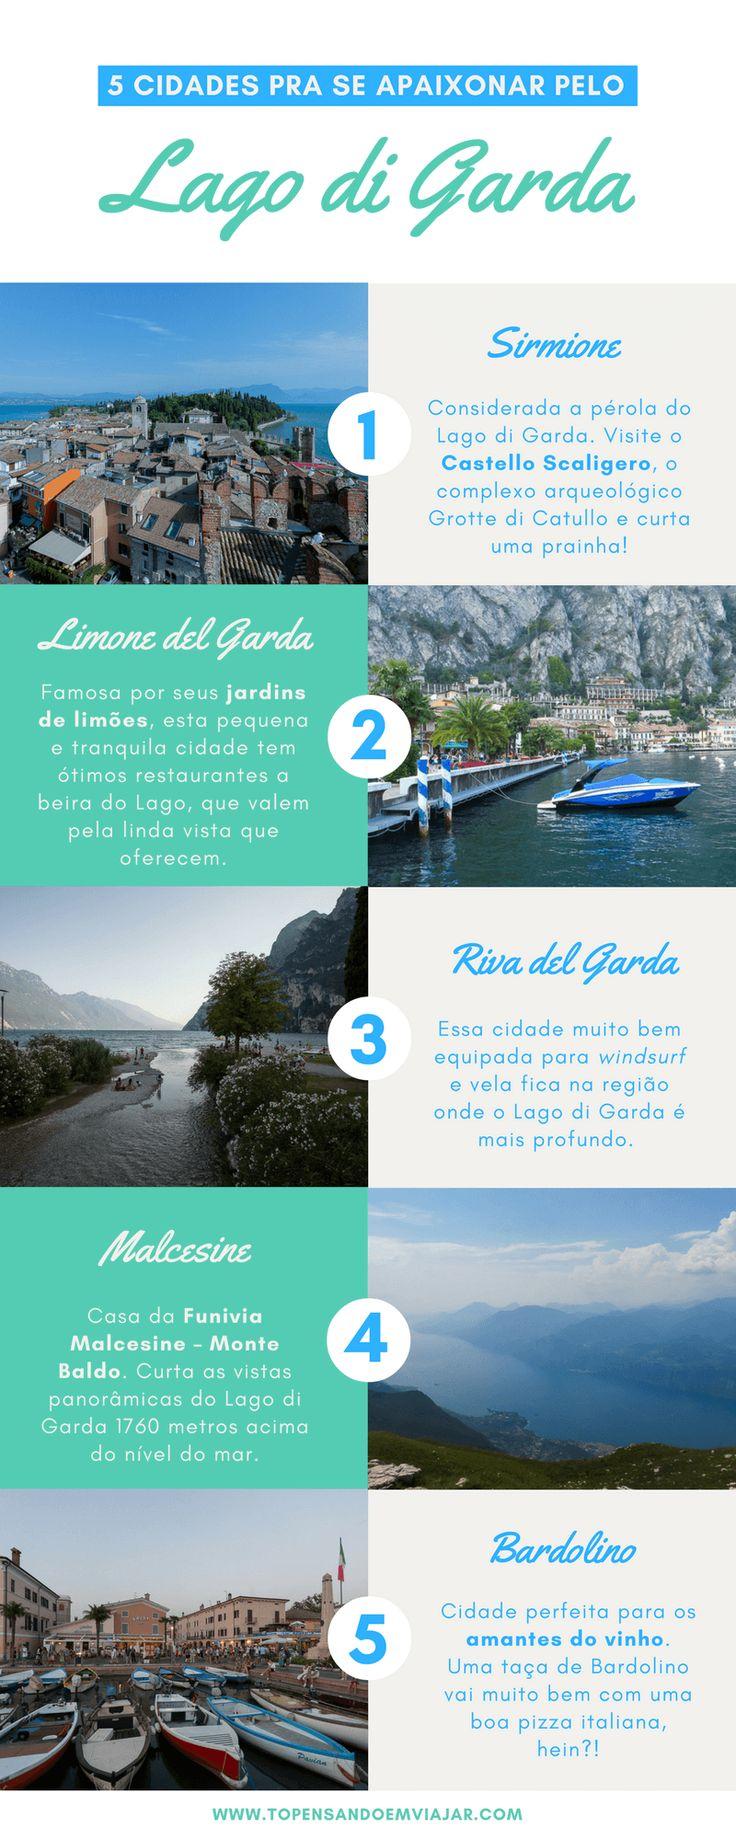 5 Cidades pra Se Apaixonar pelo Lago di Garda, na Itália - Tô Pensando em Viajar